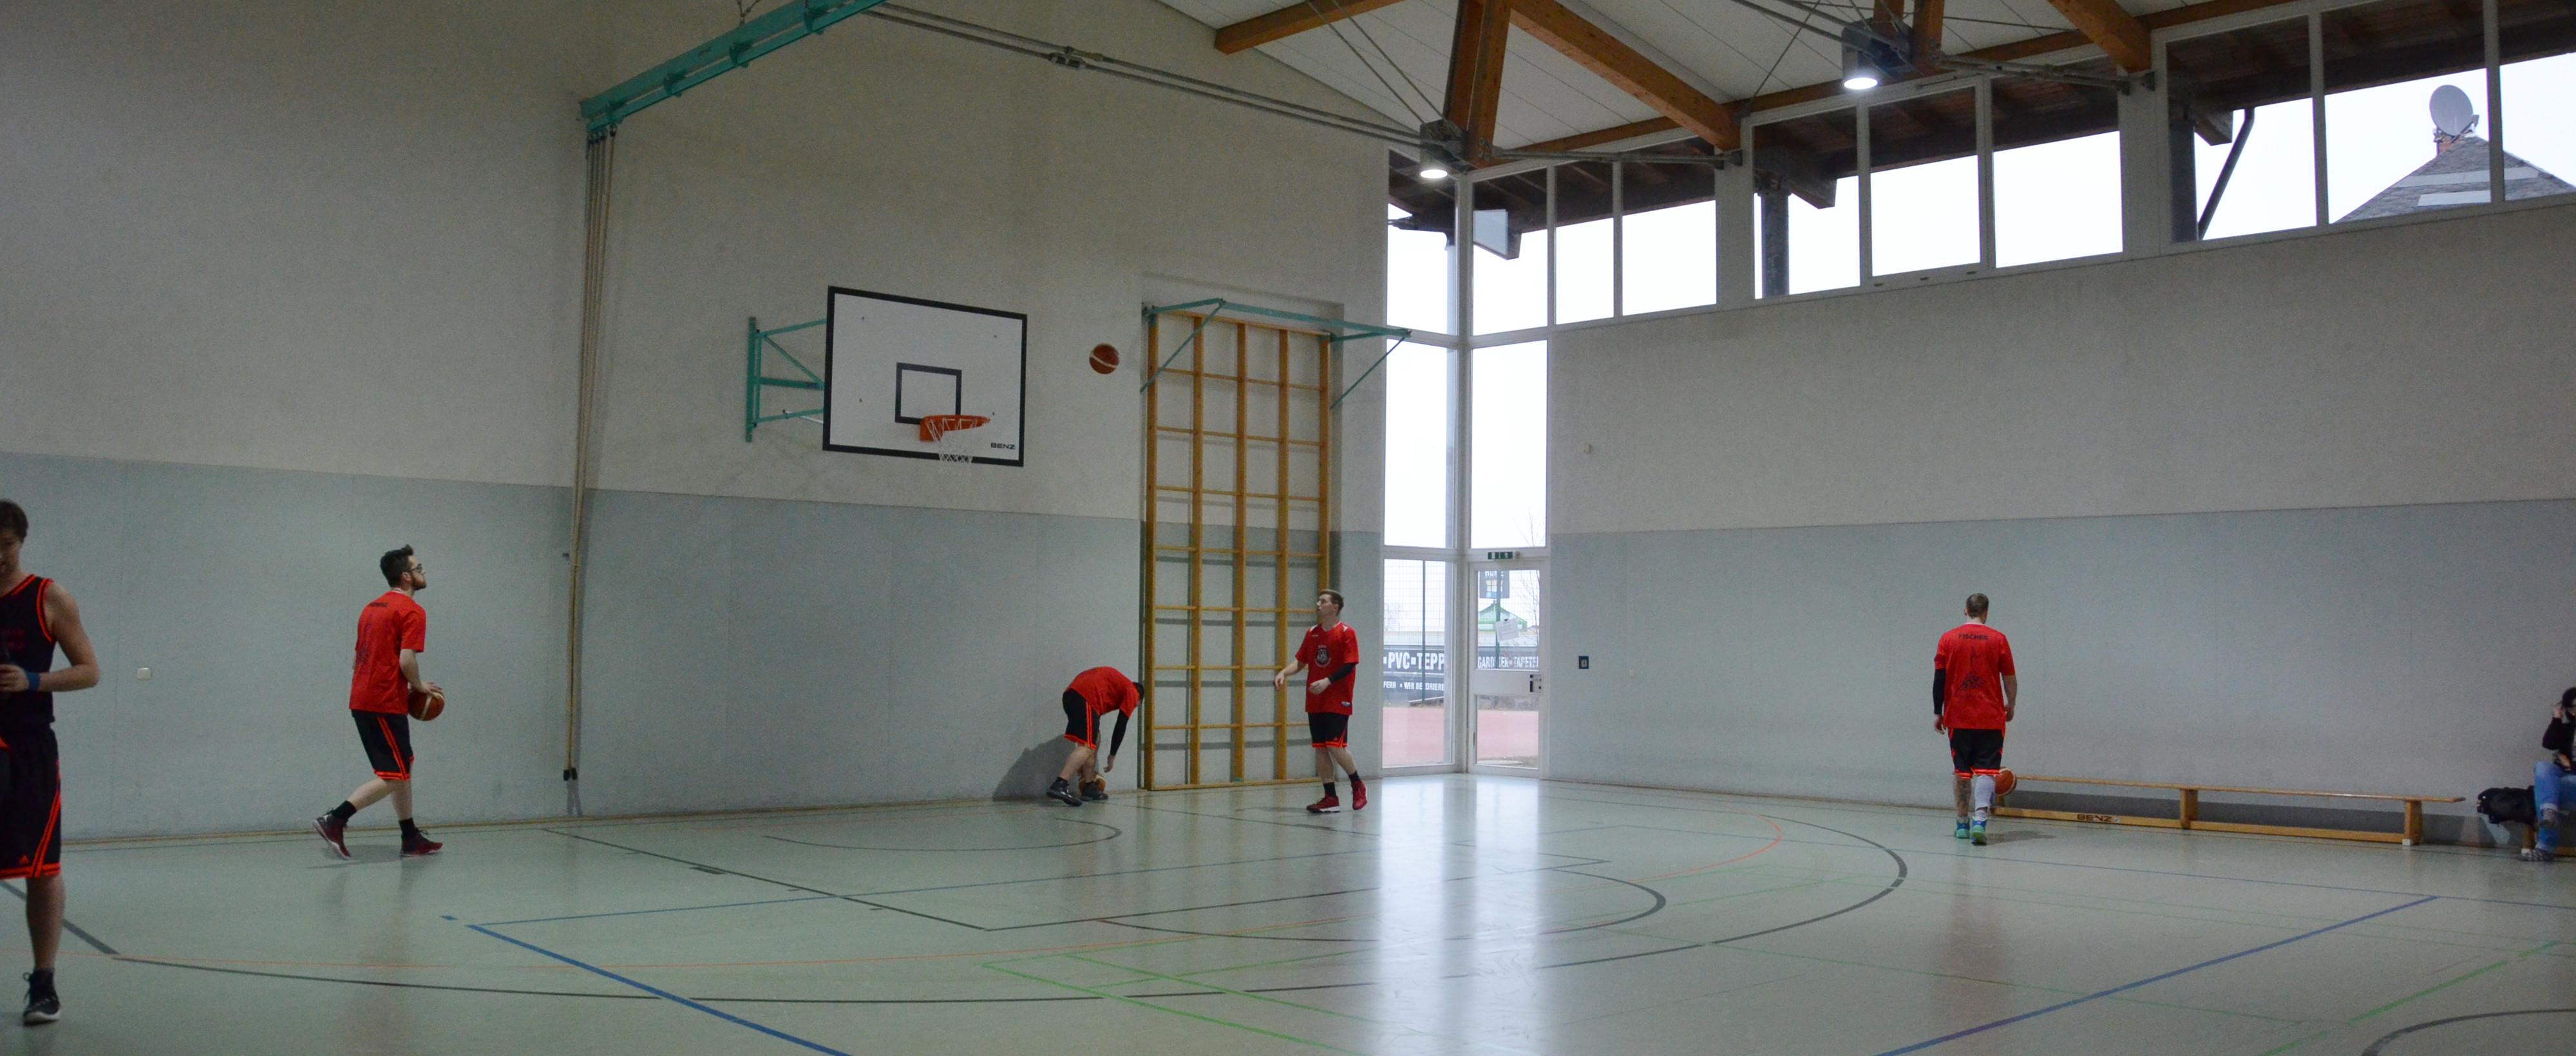 Spielbericht Saisonabschluss gegen den Weida Baskets e.V.